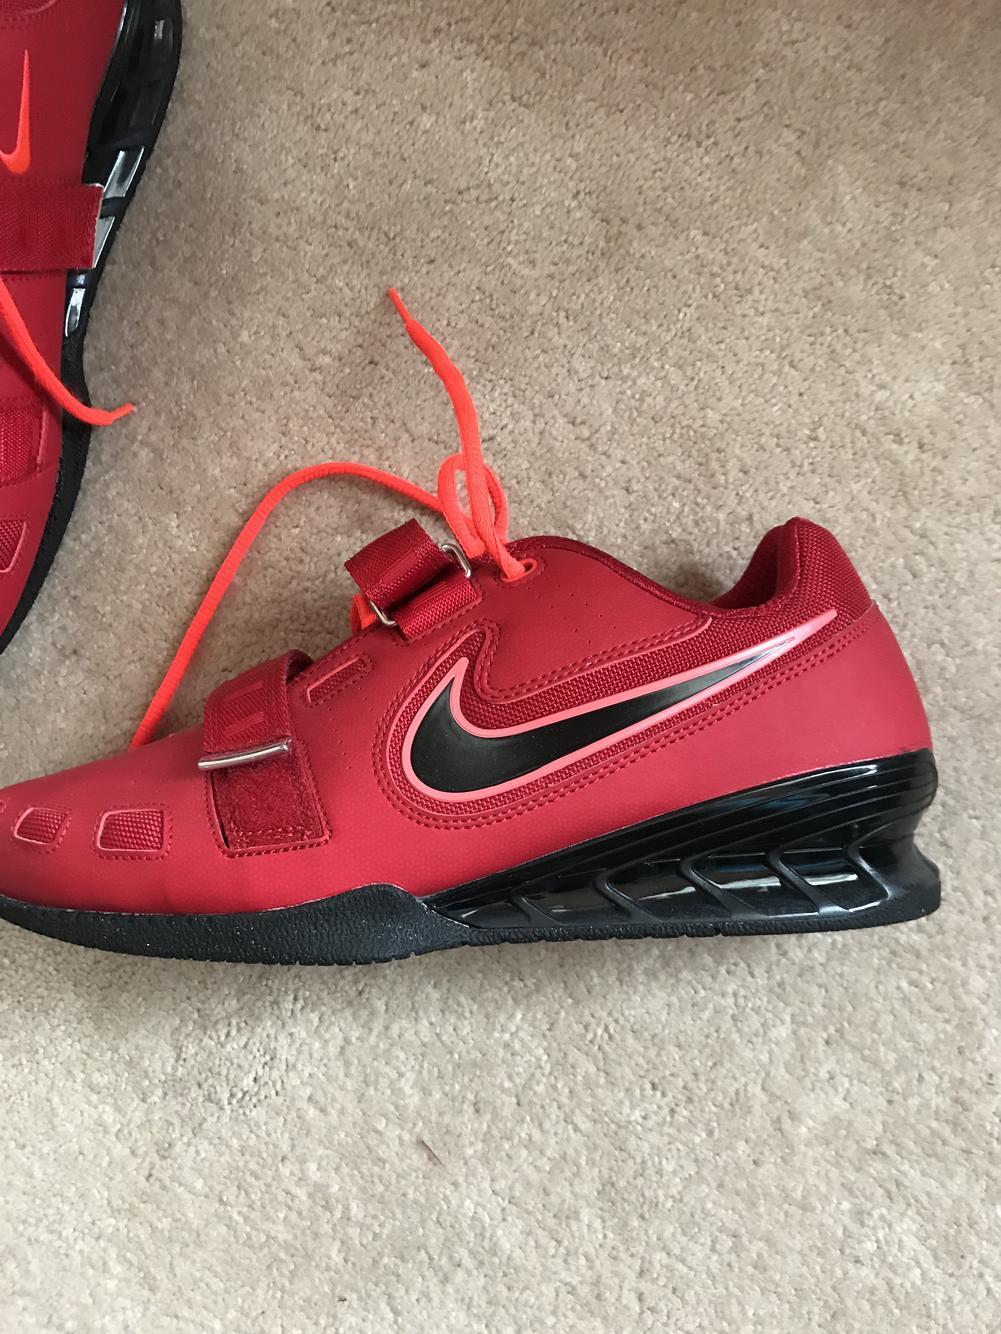 nadar Plausible bandeja  Nike New Romaleos 2 Size 11 | Footwear Turfs, Indoor, Sneakers & Training